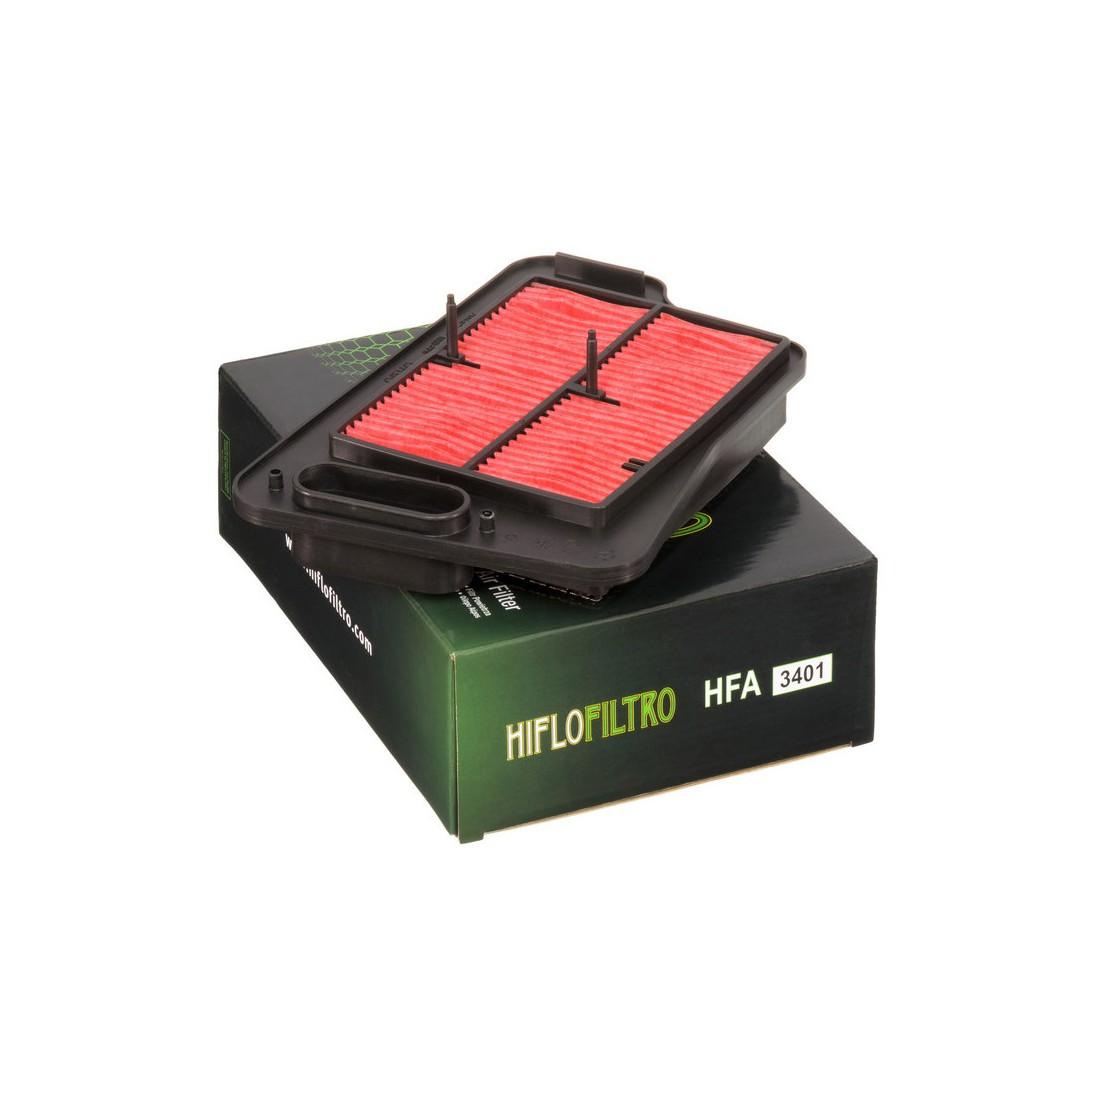 Filtro Aire Hiflofiltro HFA3401